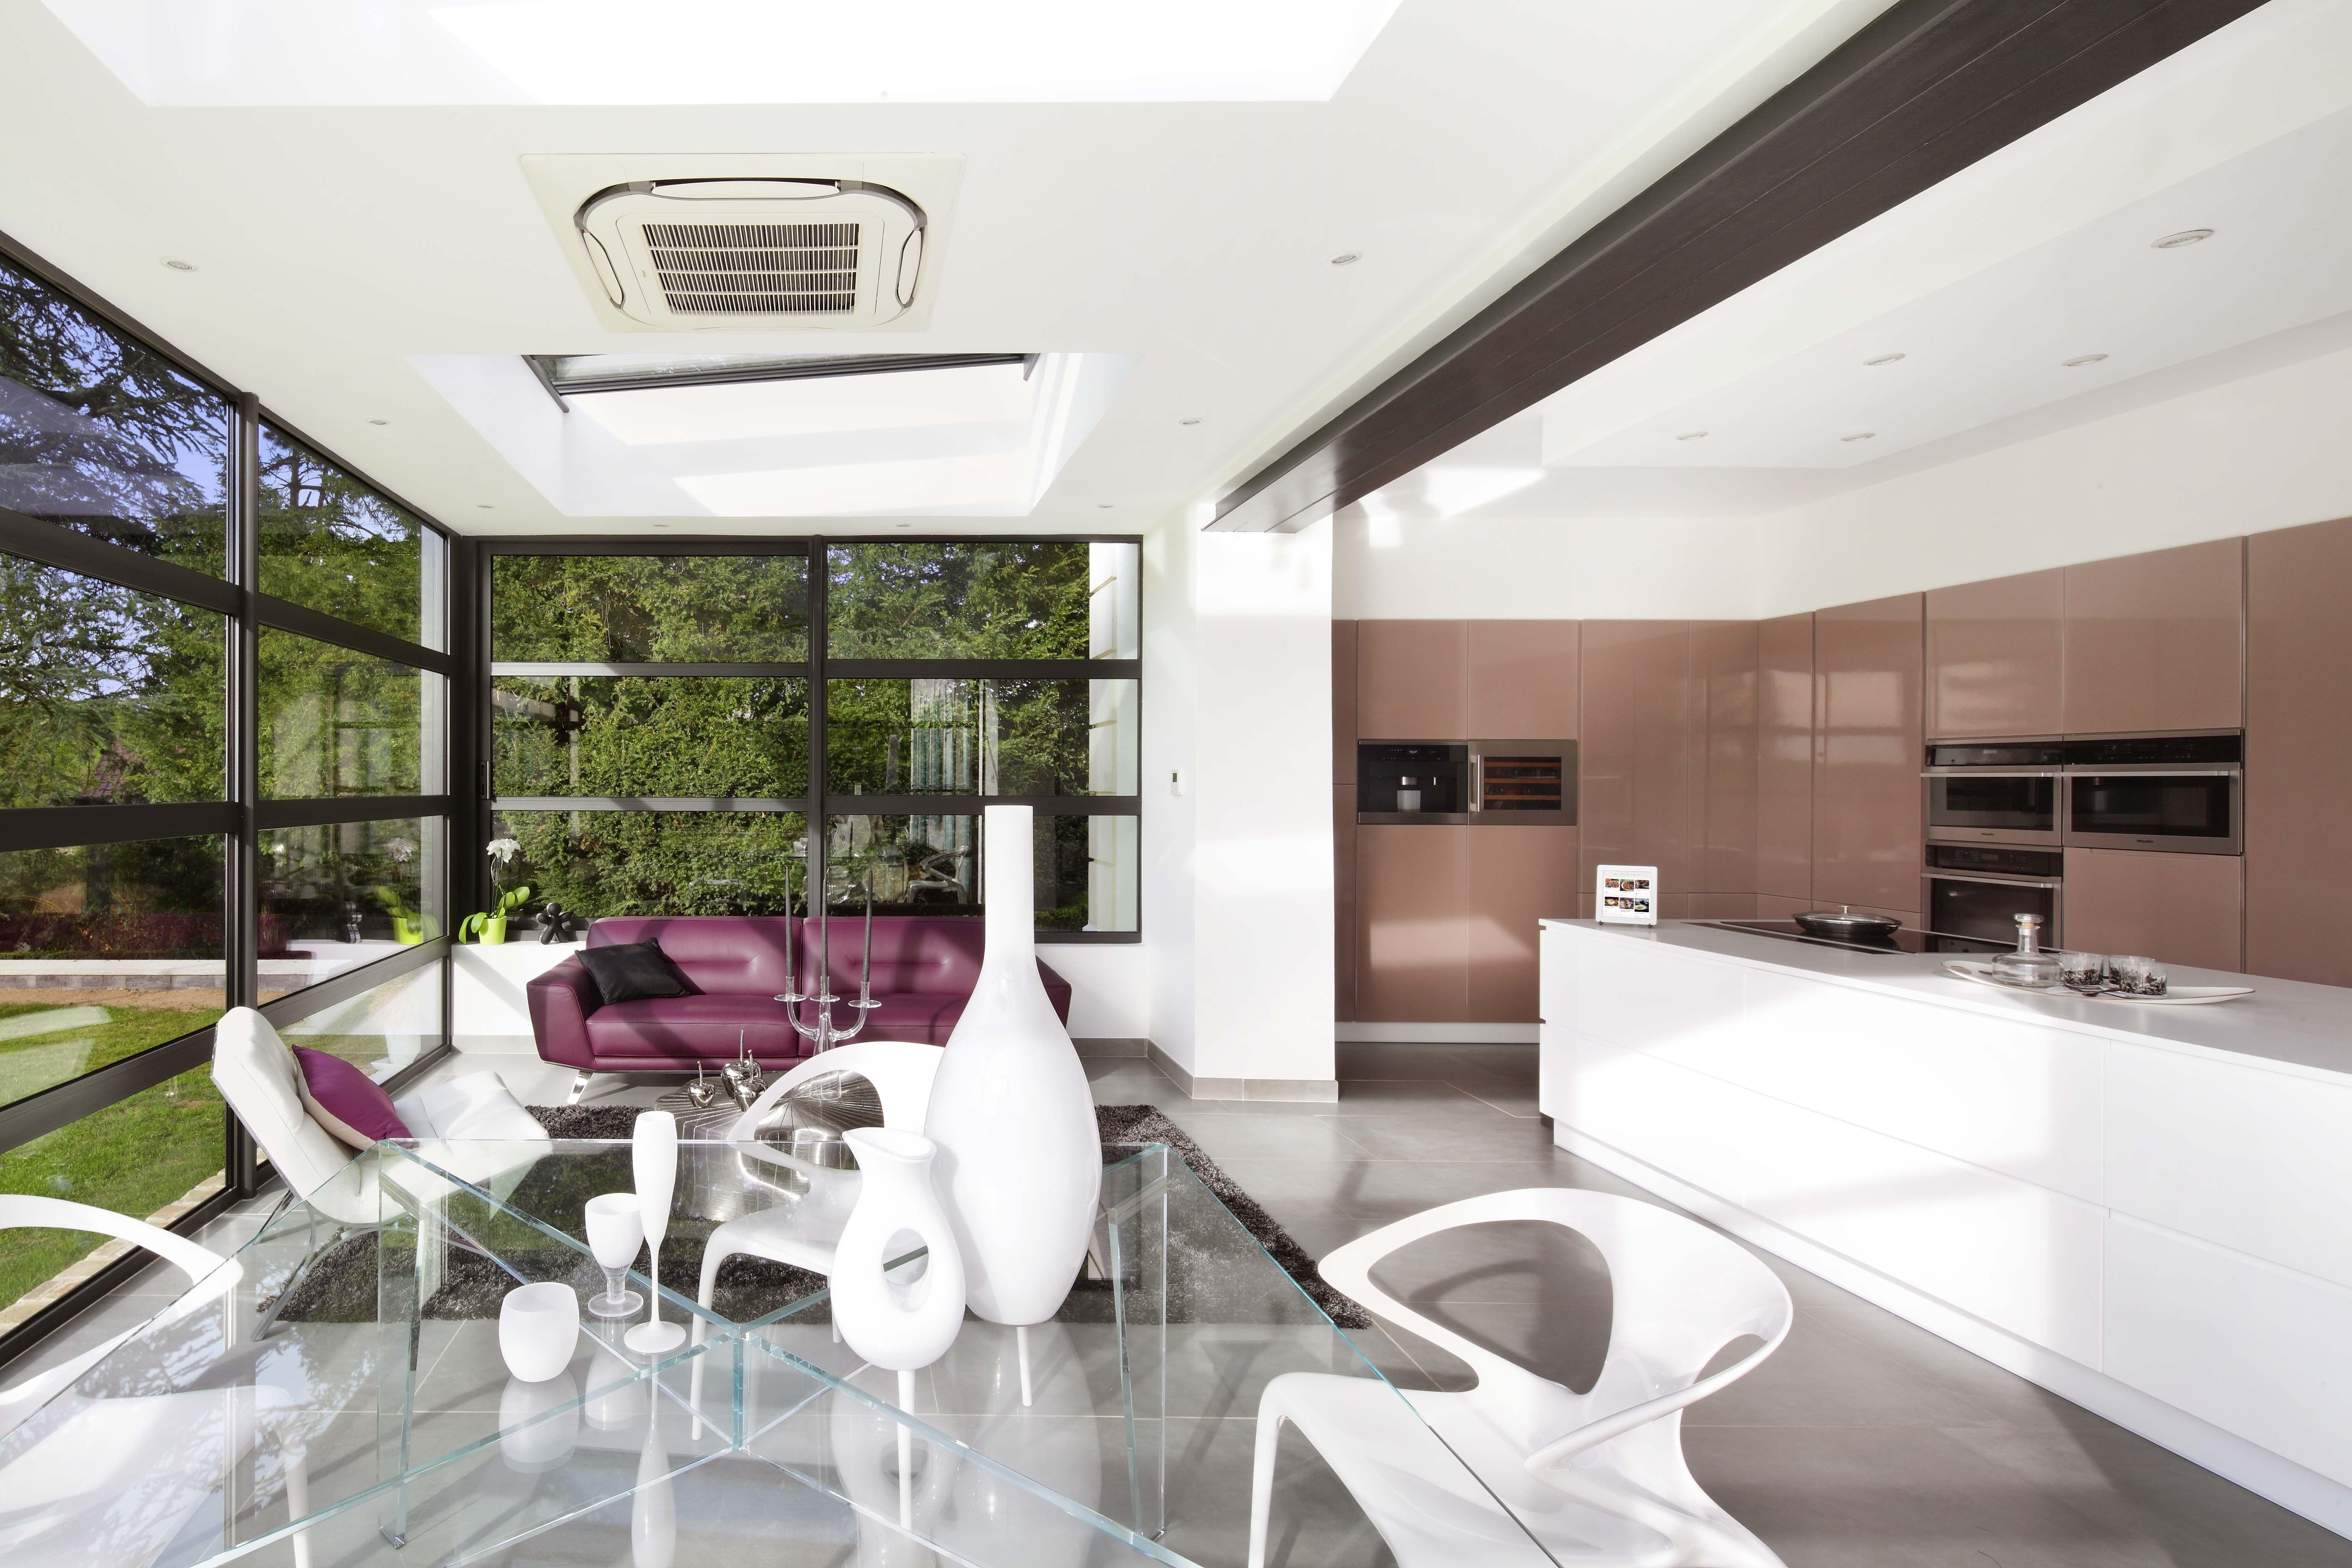 10 id es pour agrandir sa maison - Architecture a vivre ...